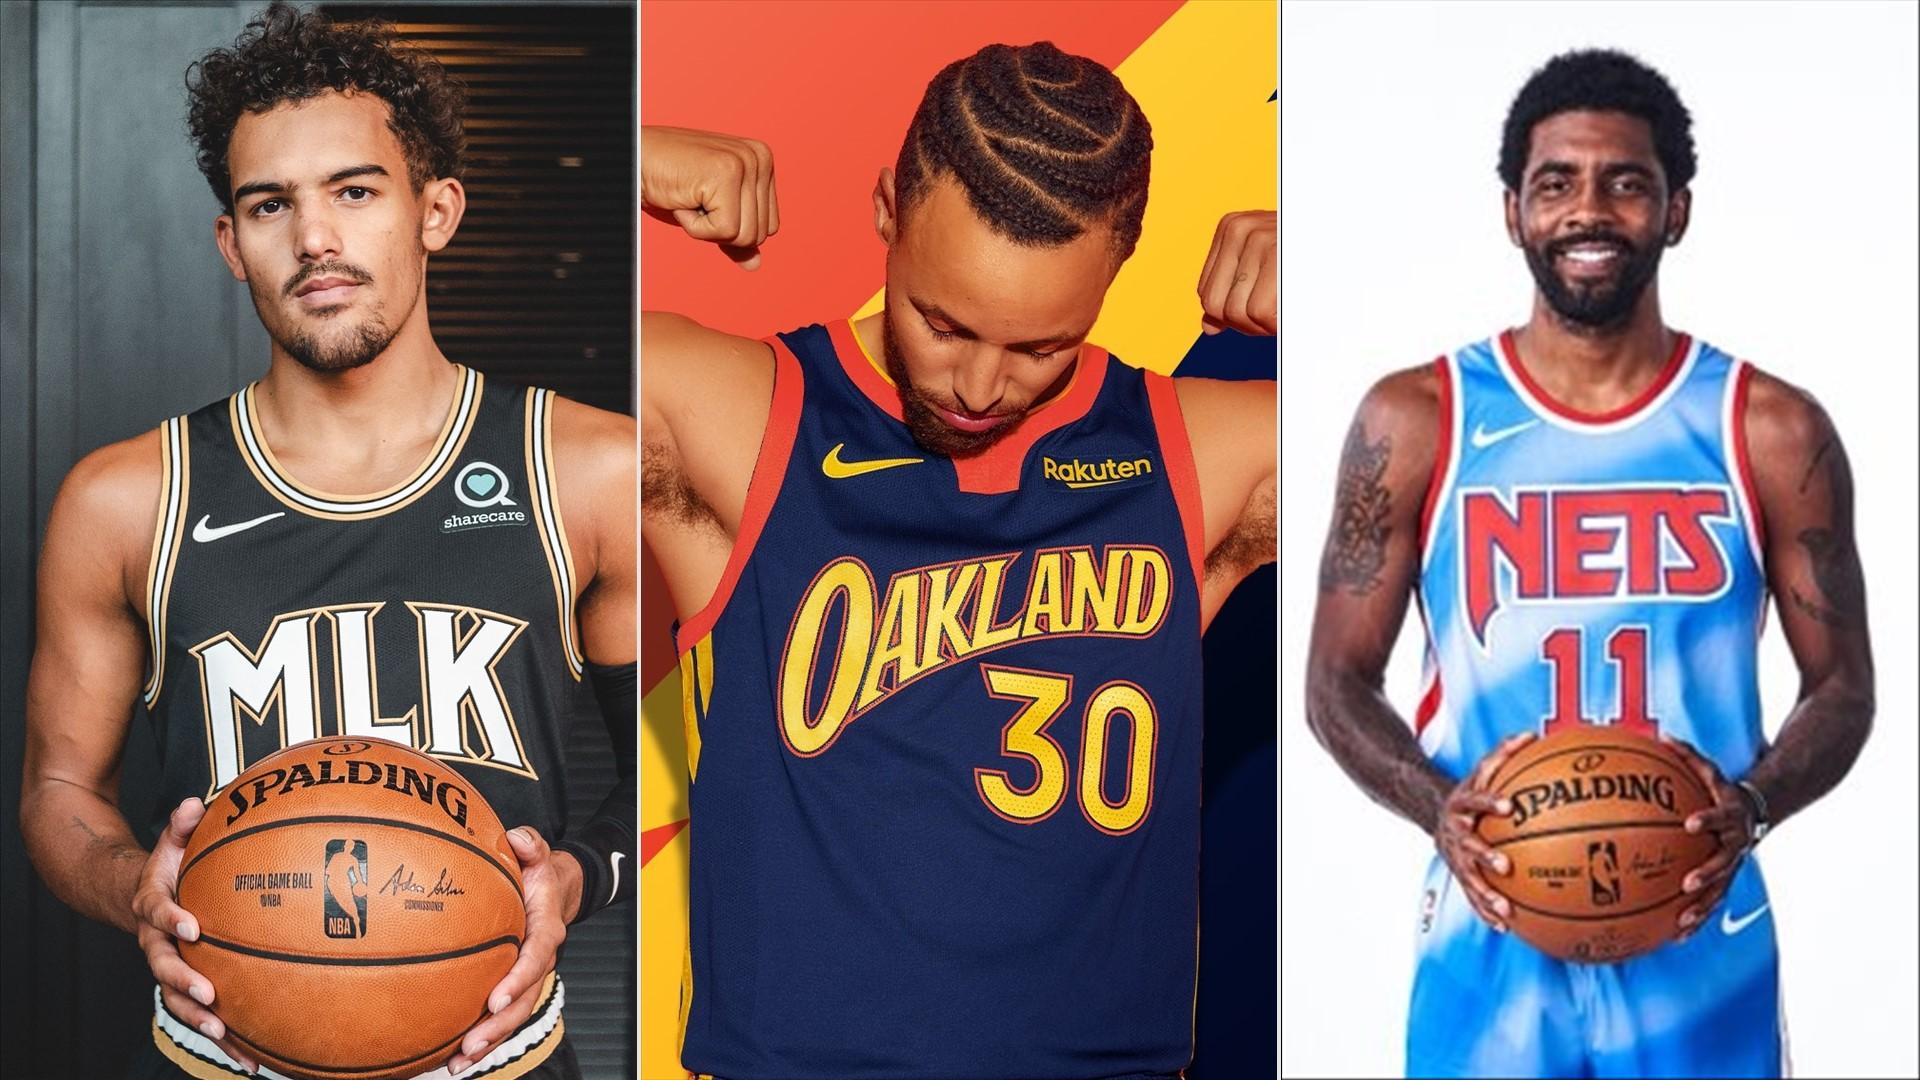 tema miseria Guijarro  Todas las nuevas camisetas presentadas por los equipos NBA para la  temporada 2020-2021   NBA.com Argentina   El sitio oficial de la NBA